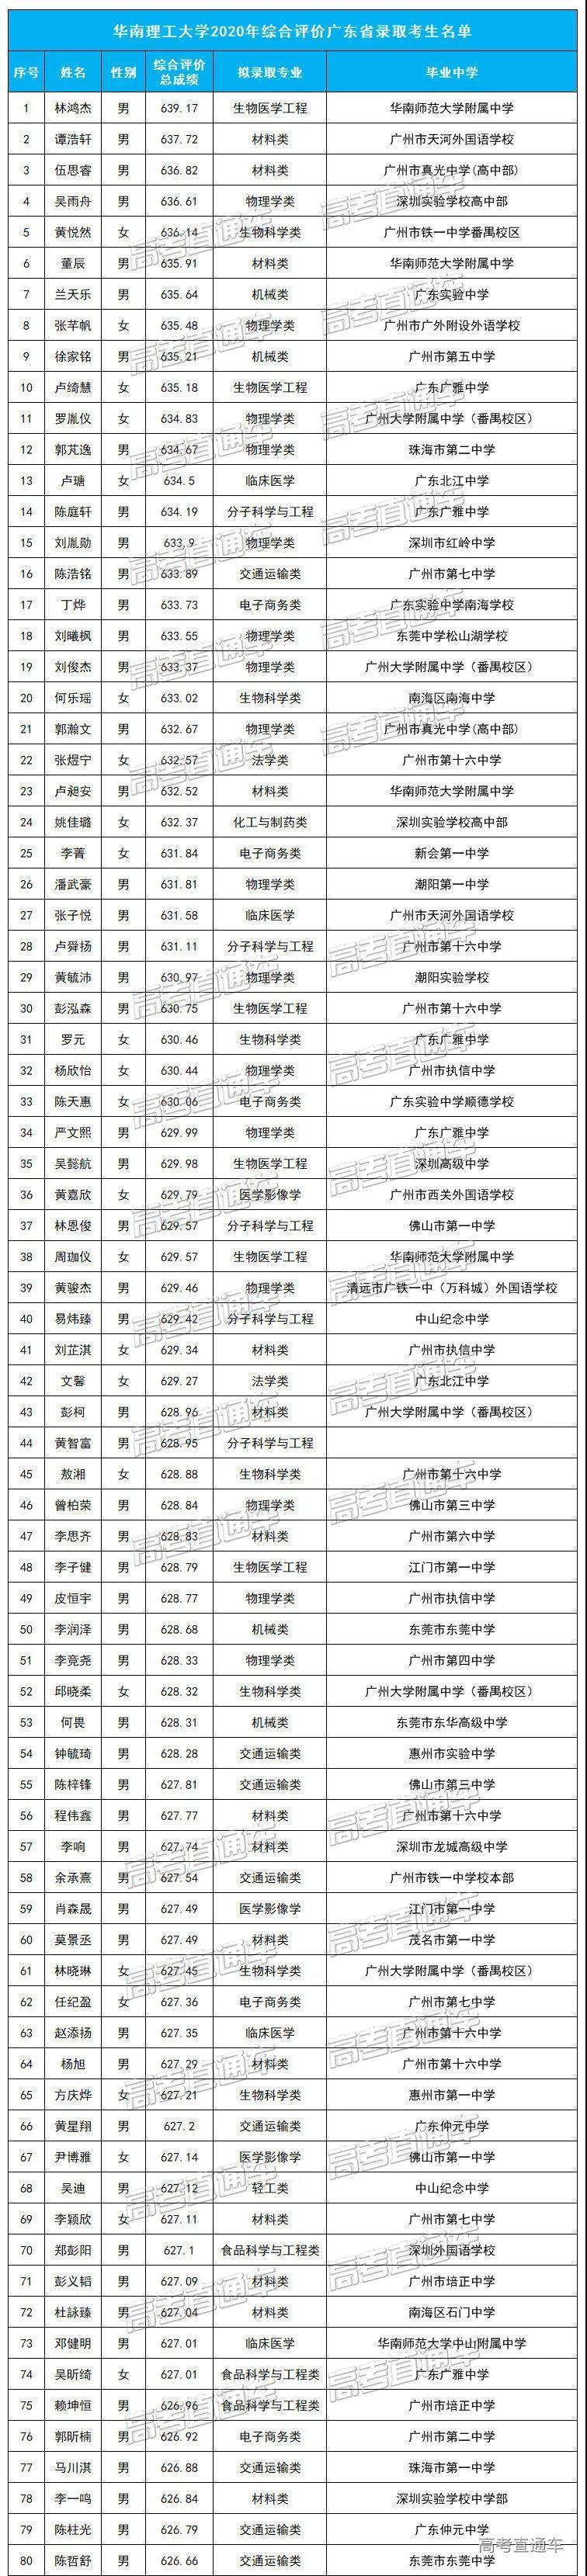 华南理工大学2020年综合评价广东省录取考生名单1